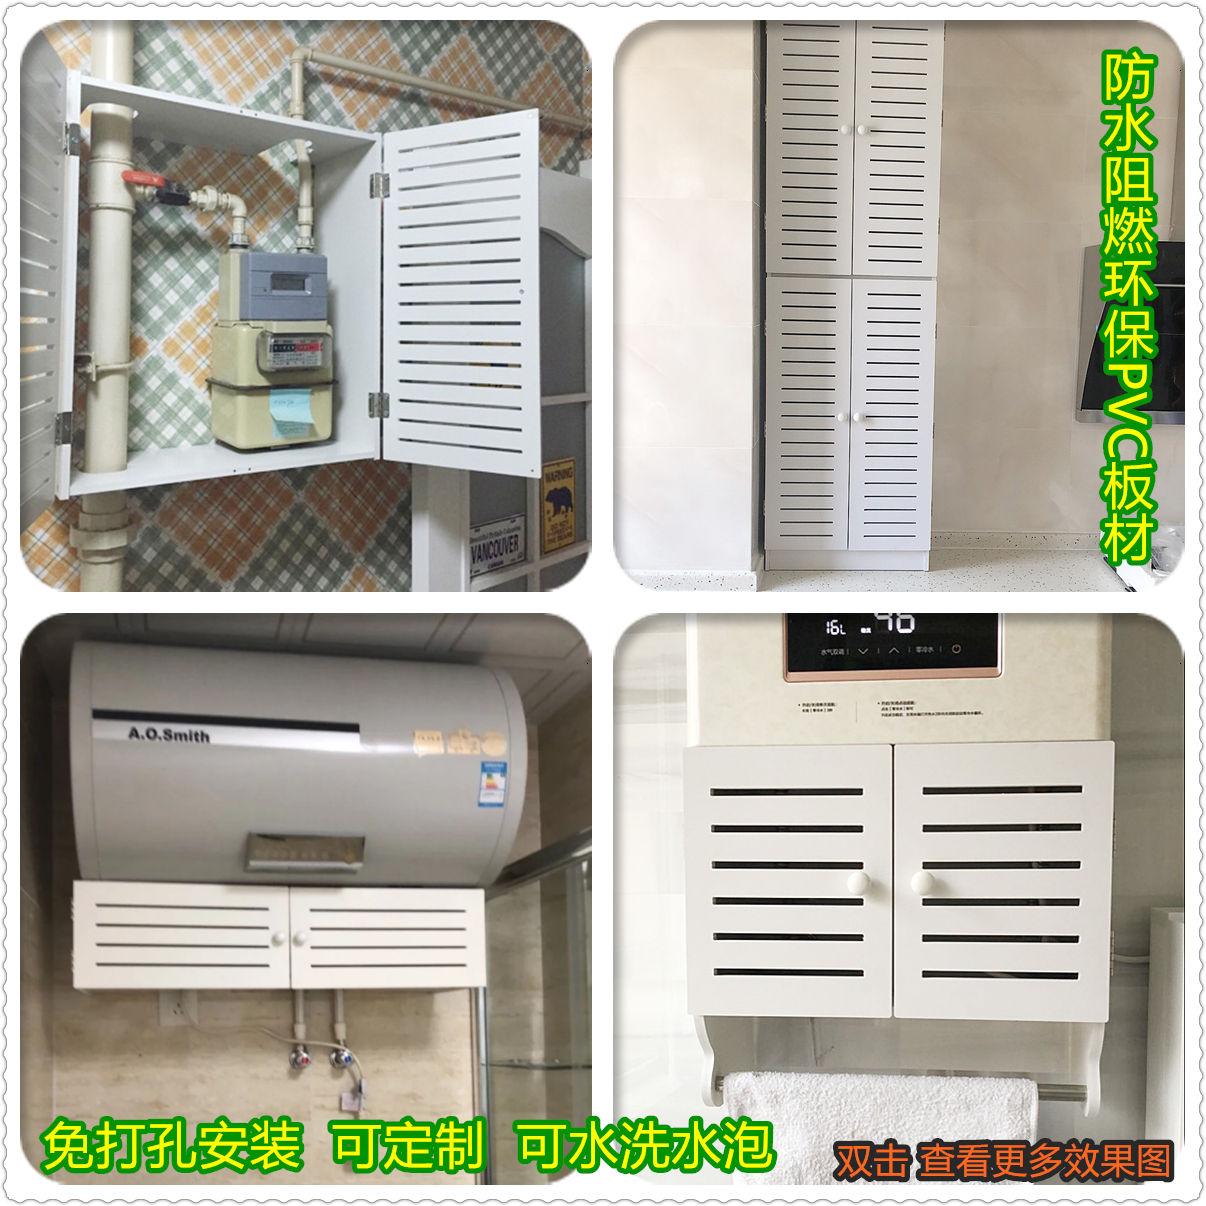 天燃氣箱 水錶箱煤氣表箱 煤氣裝飾箱 水管箱熱水器管道遮擋箱